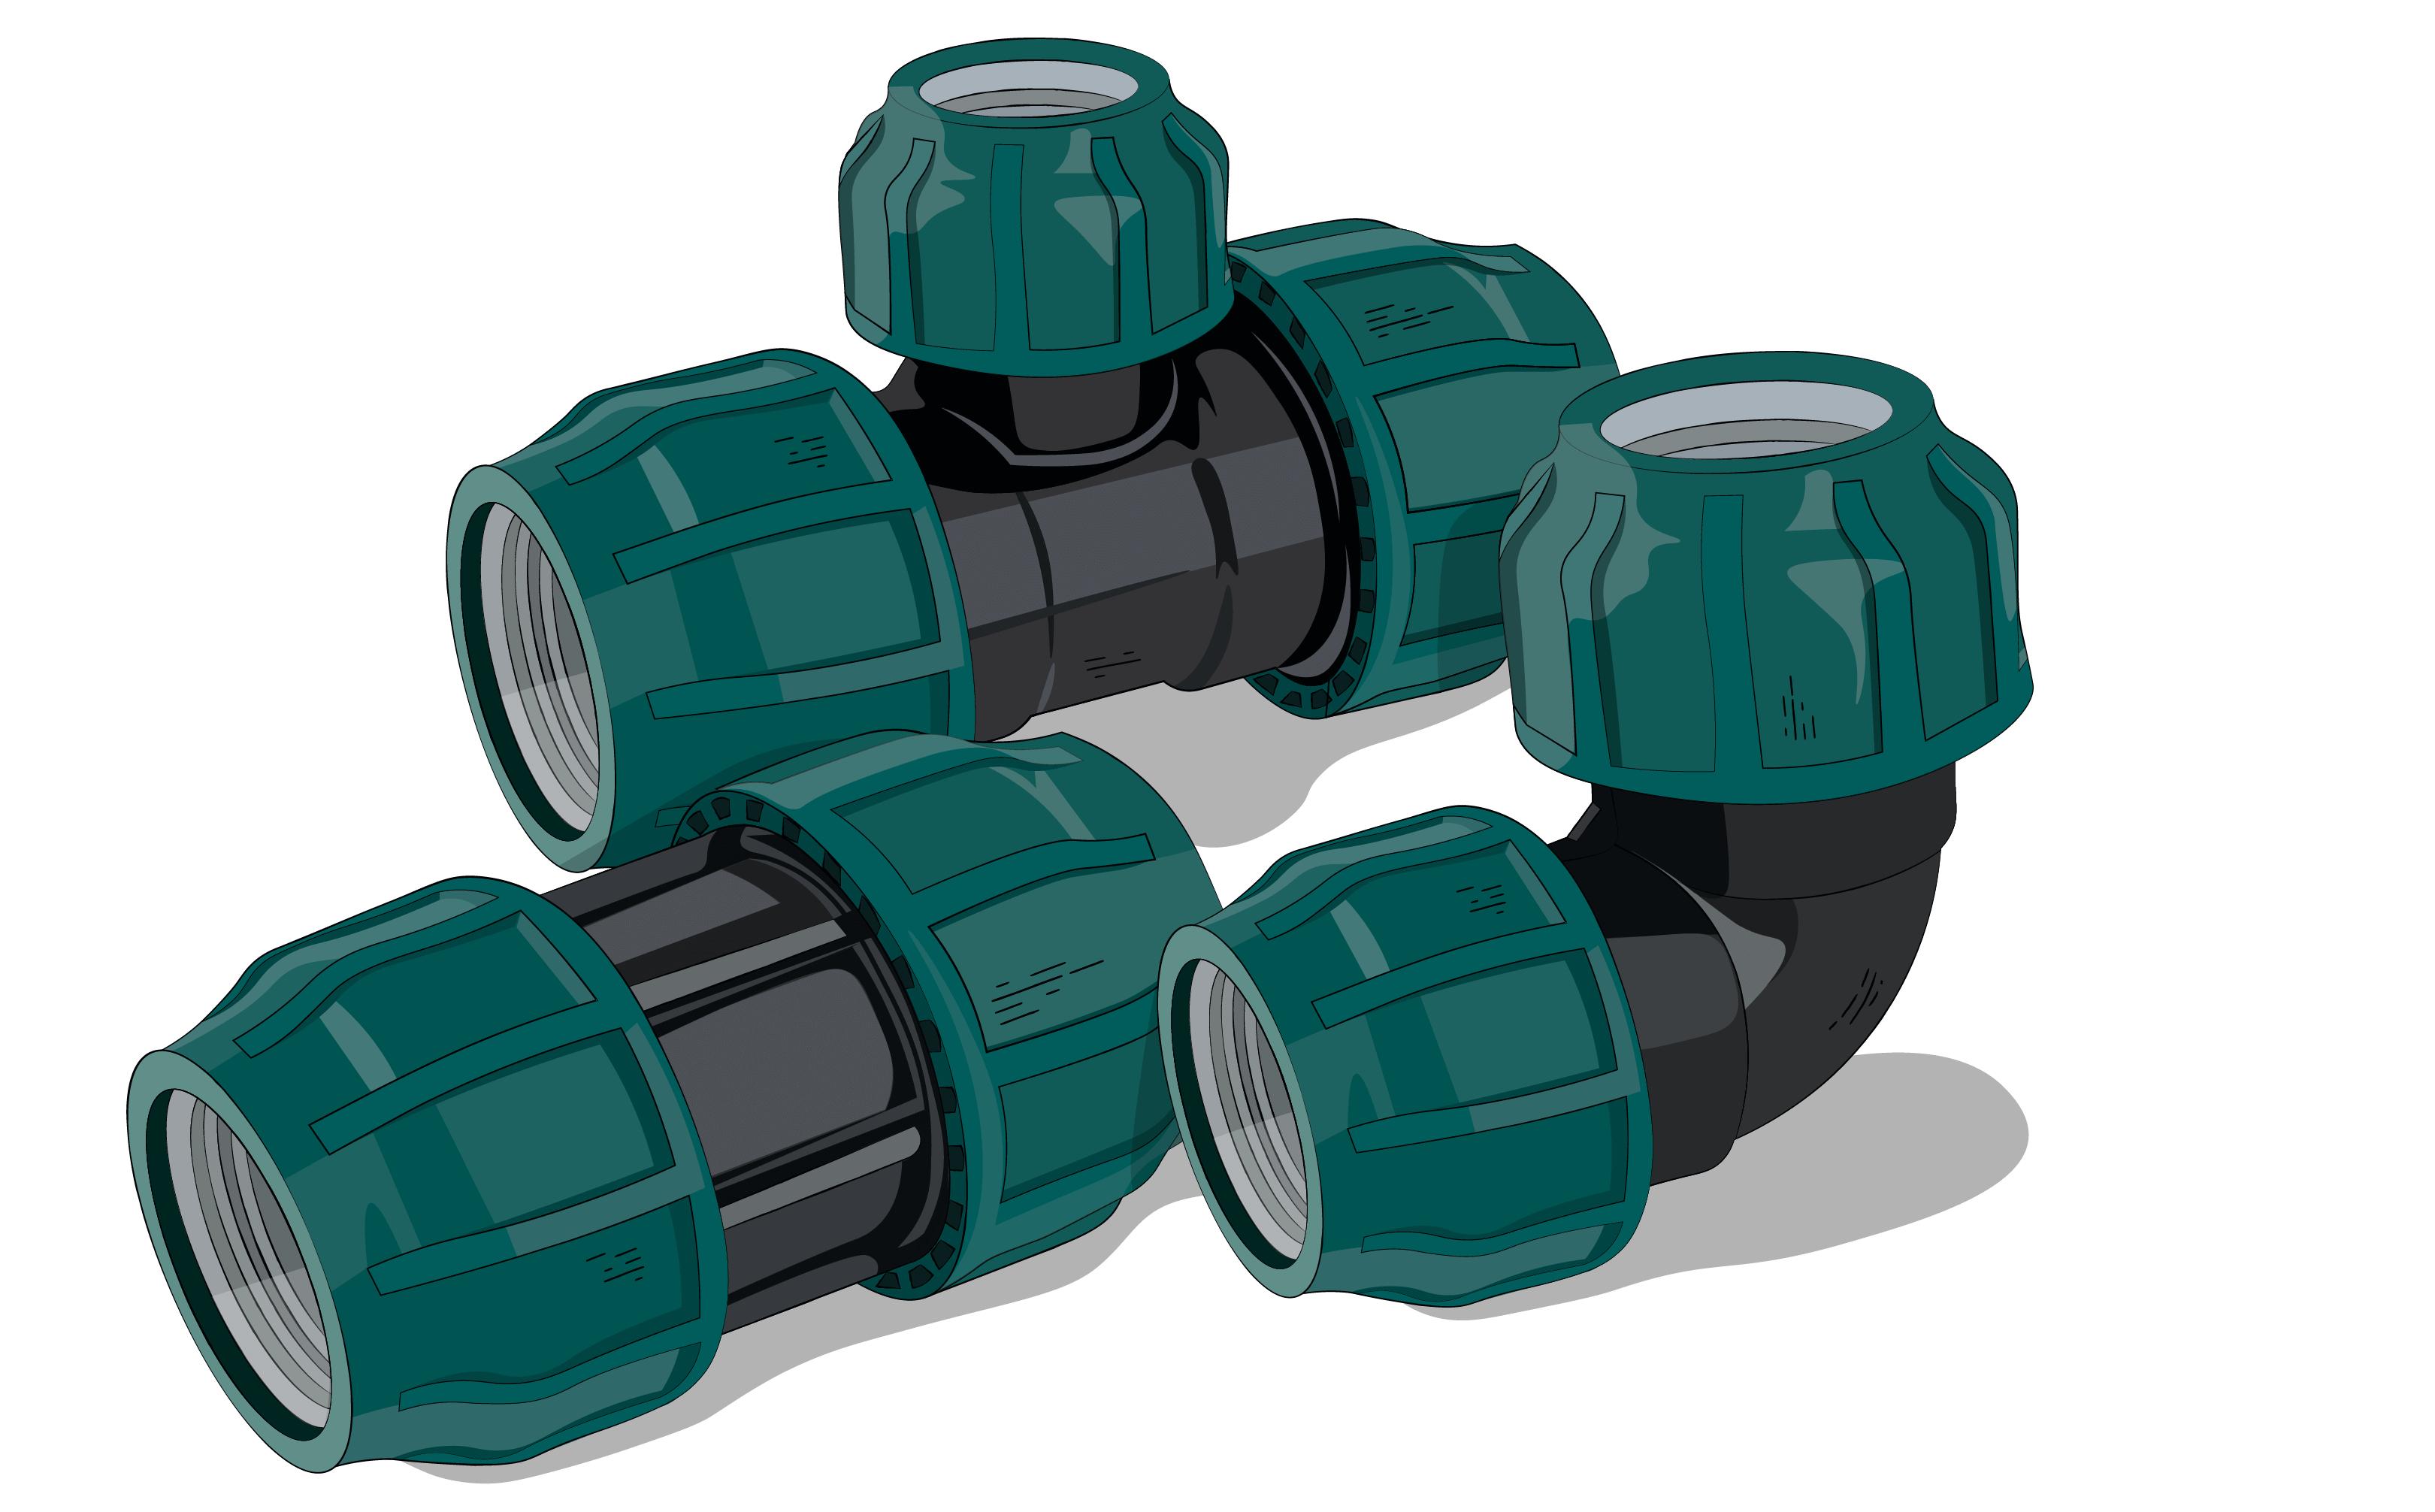 обжимные компрессионный фитинги для ПНД труб